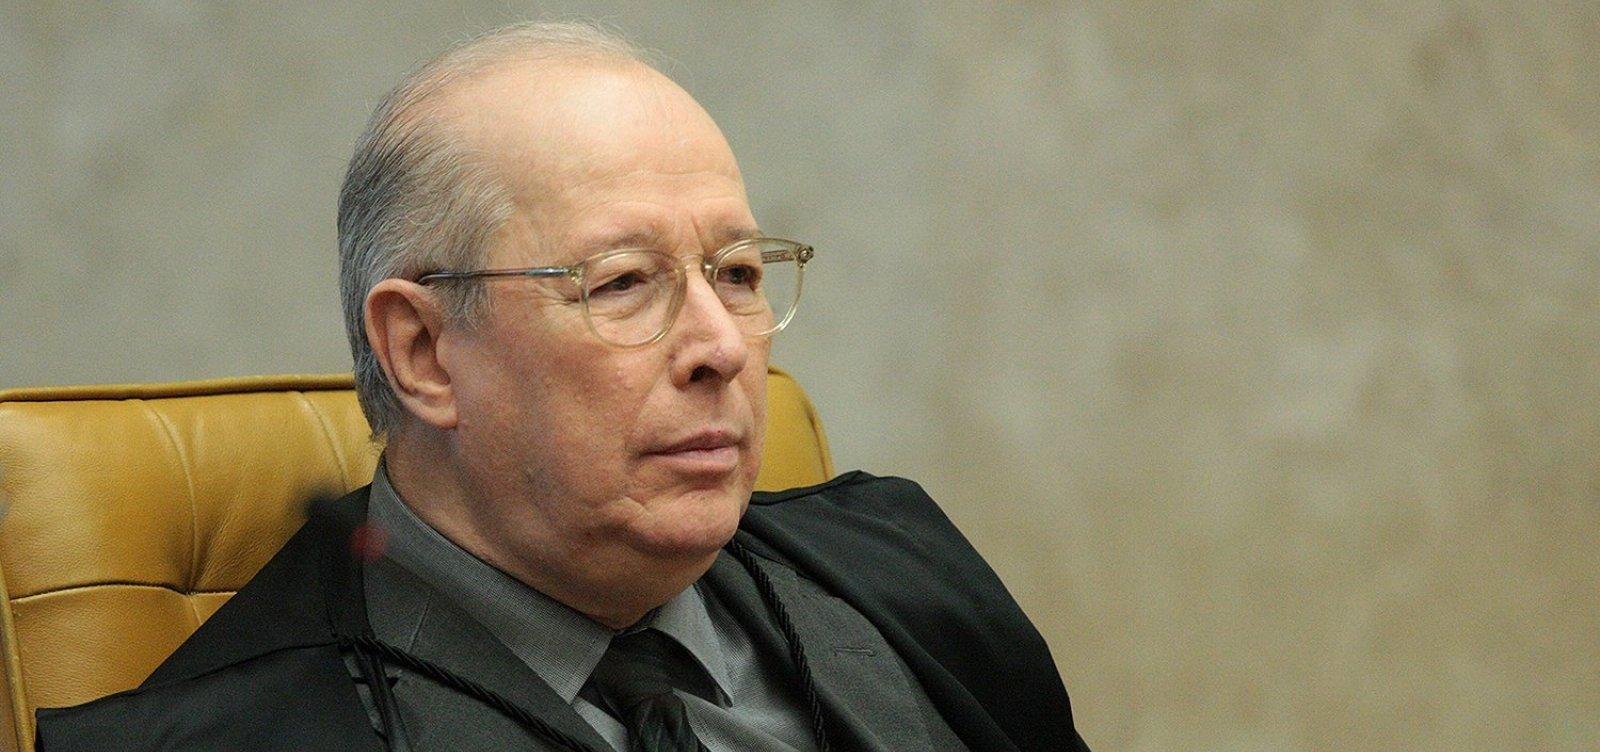 [Declaração do filho de Bolsonaro é 'golpista', diz ministro do STF]